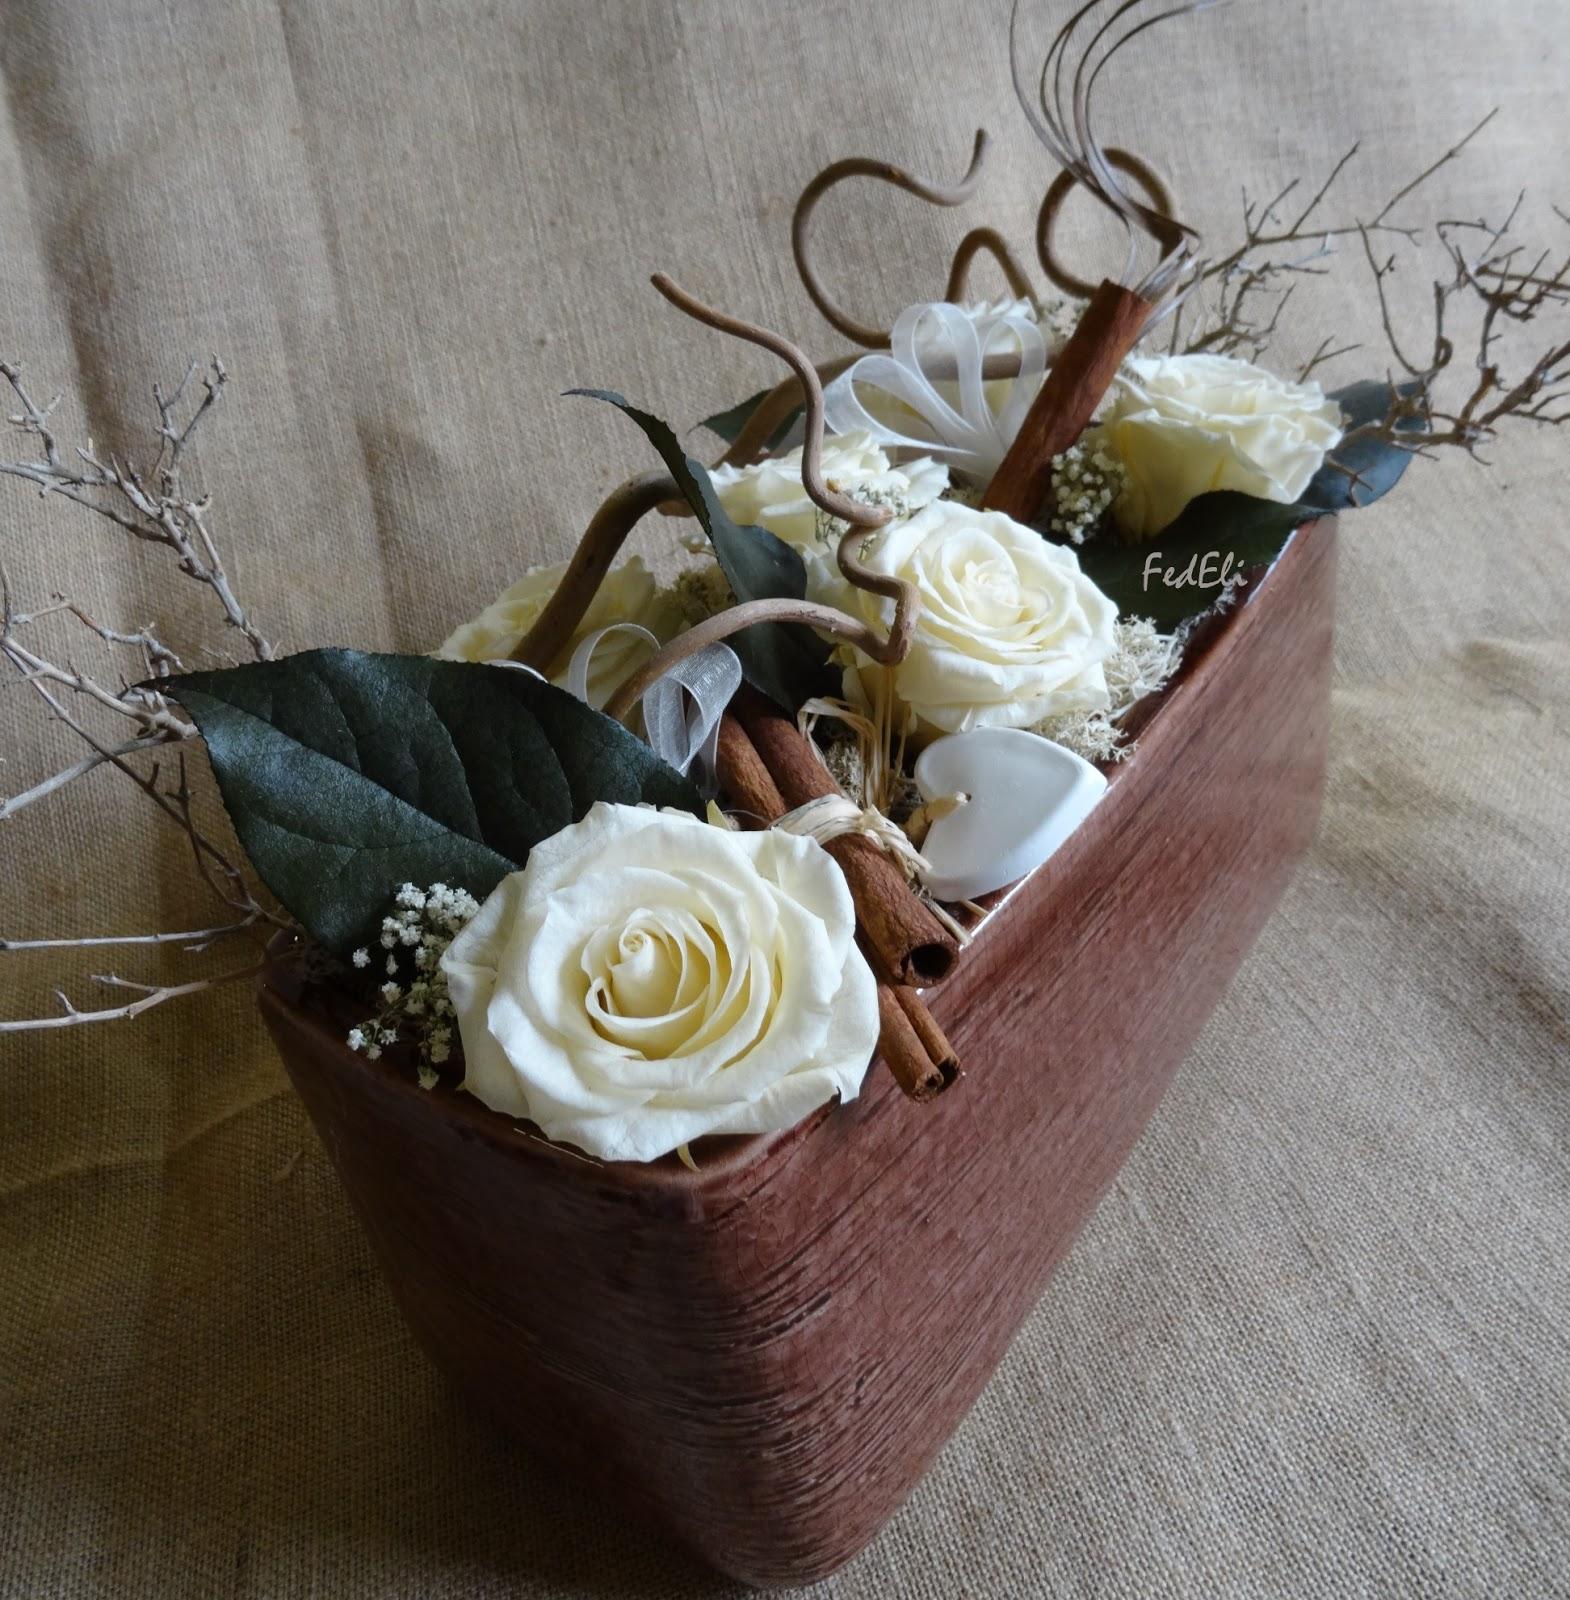 Fiori fedeli laboratorio artigianale fiori stabilizzati for Fiori con la p